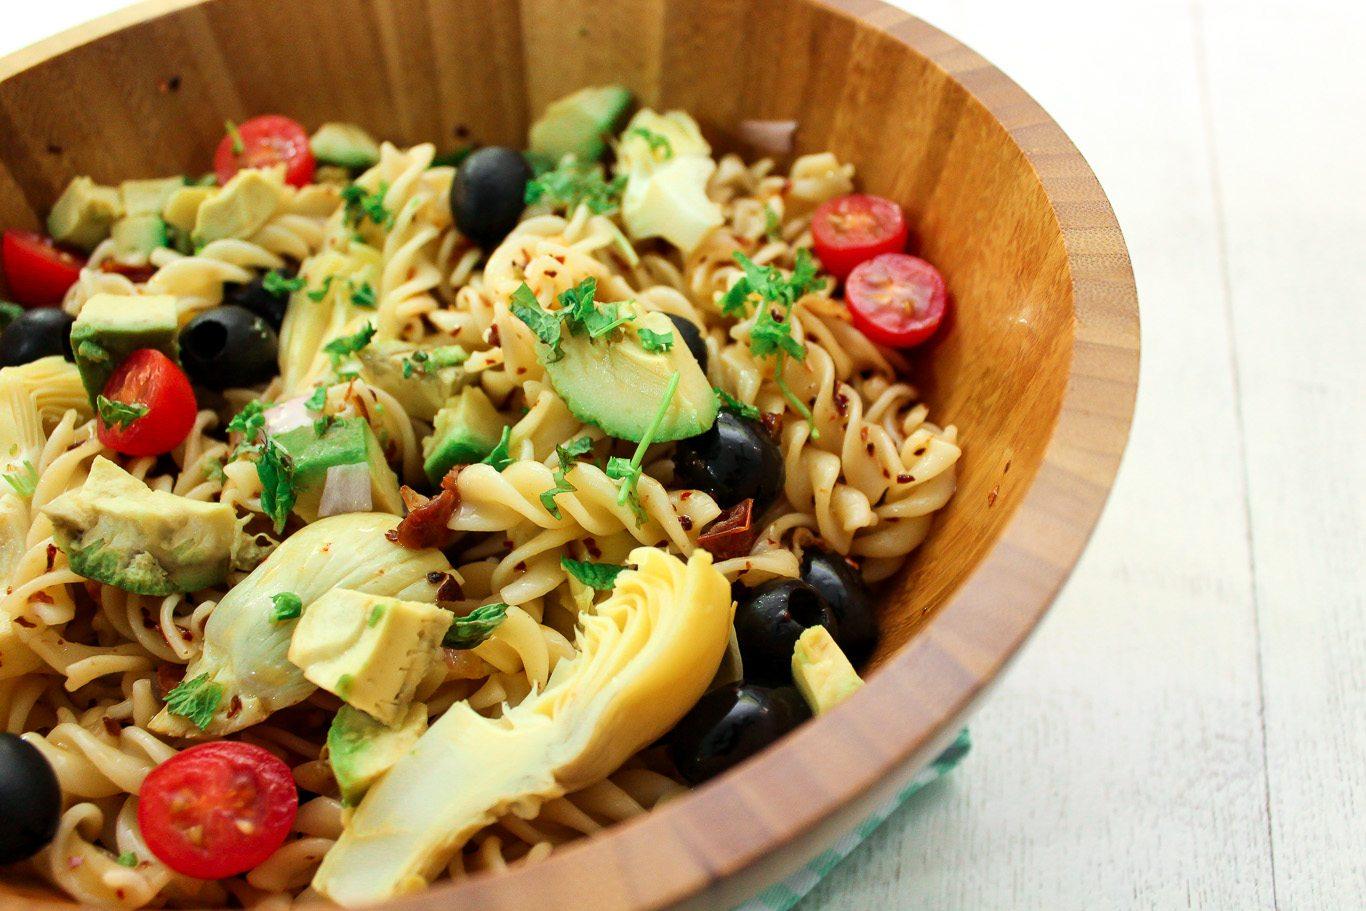 Avocado and artichoke pasta salad